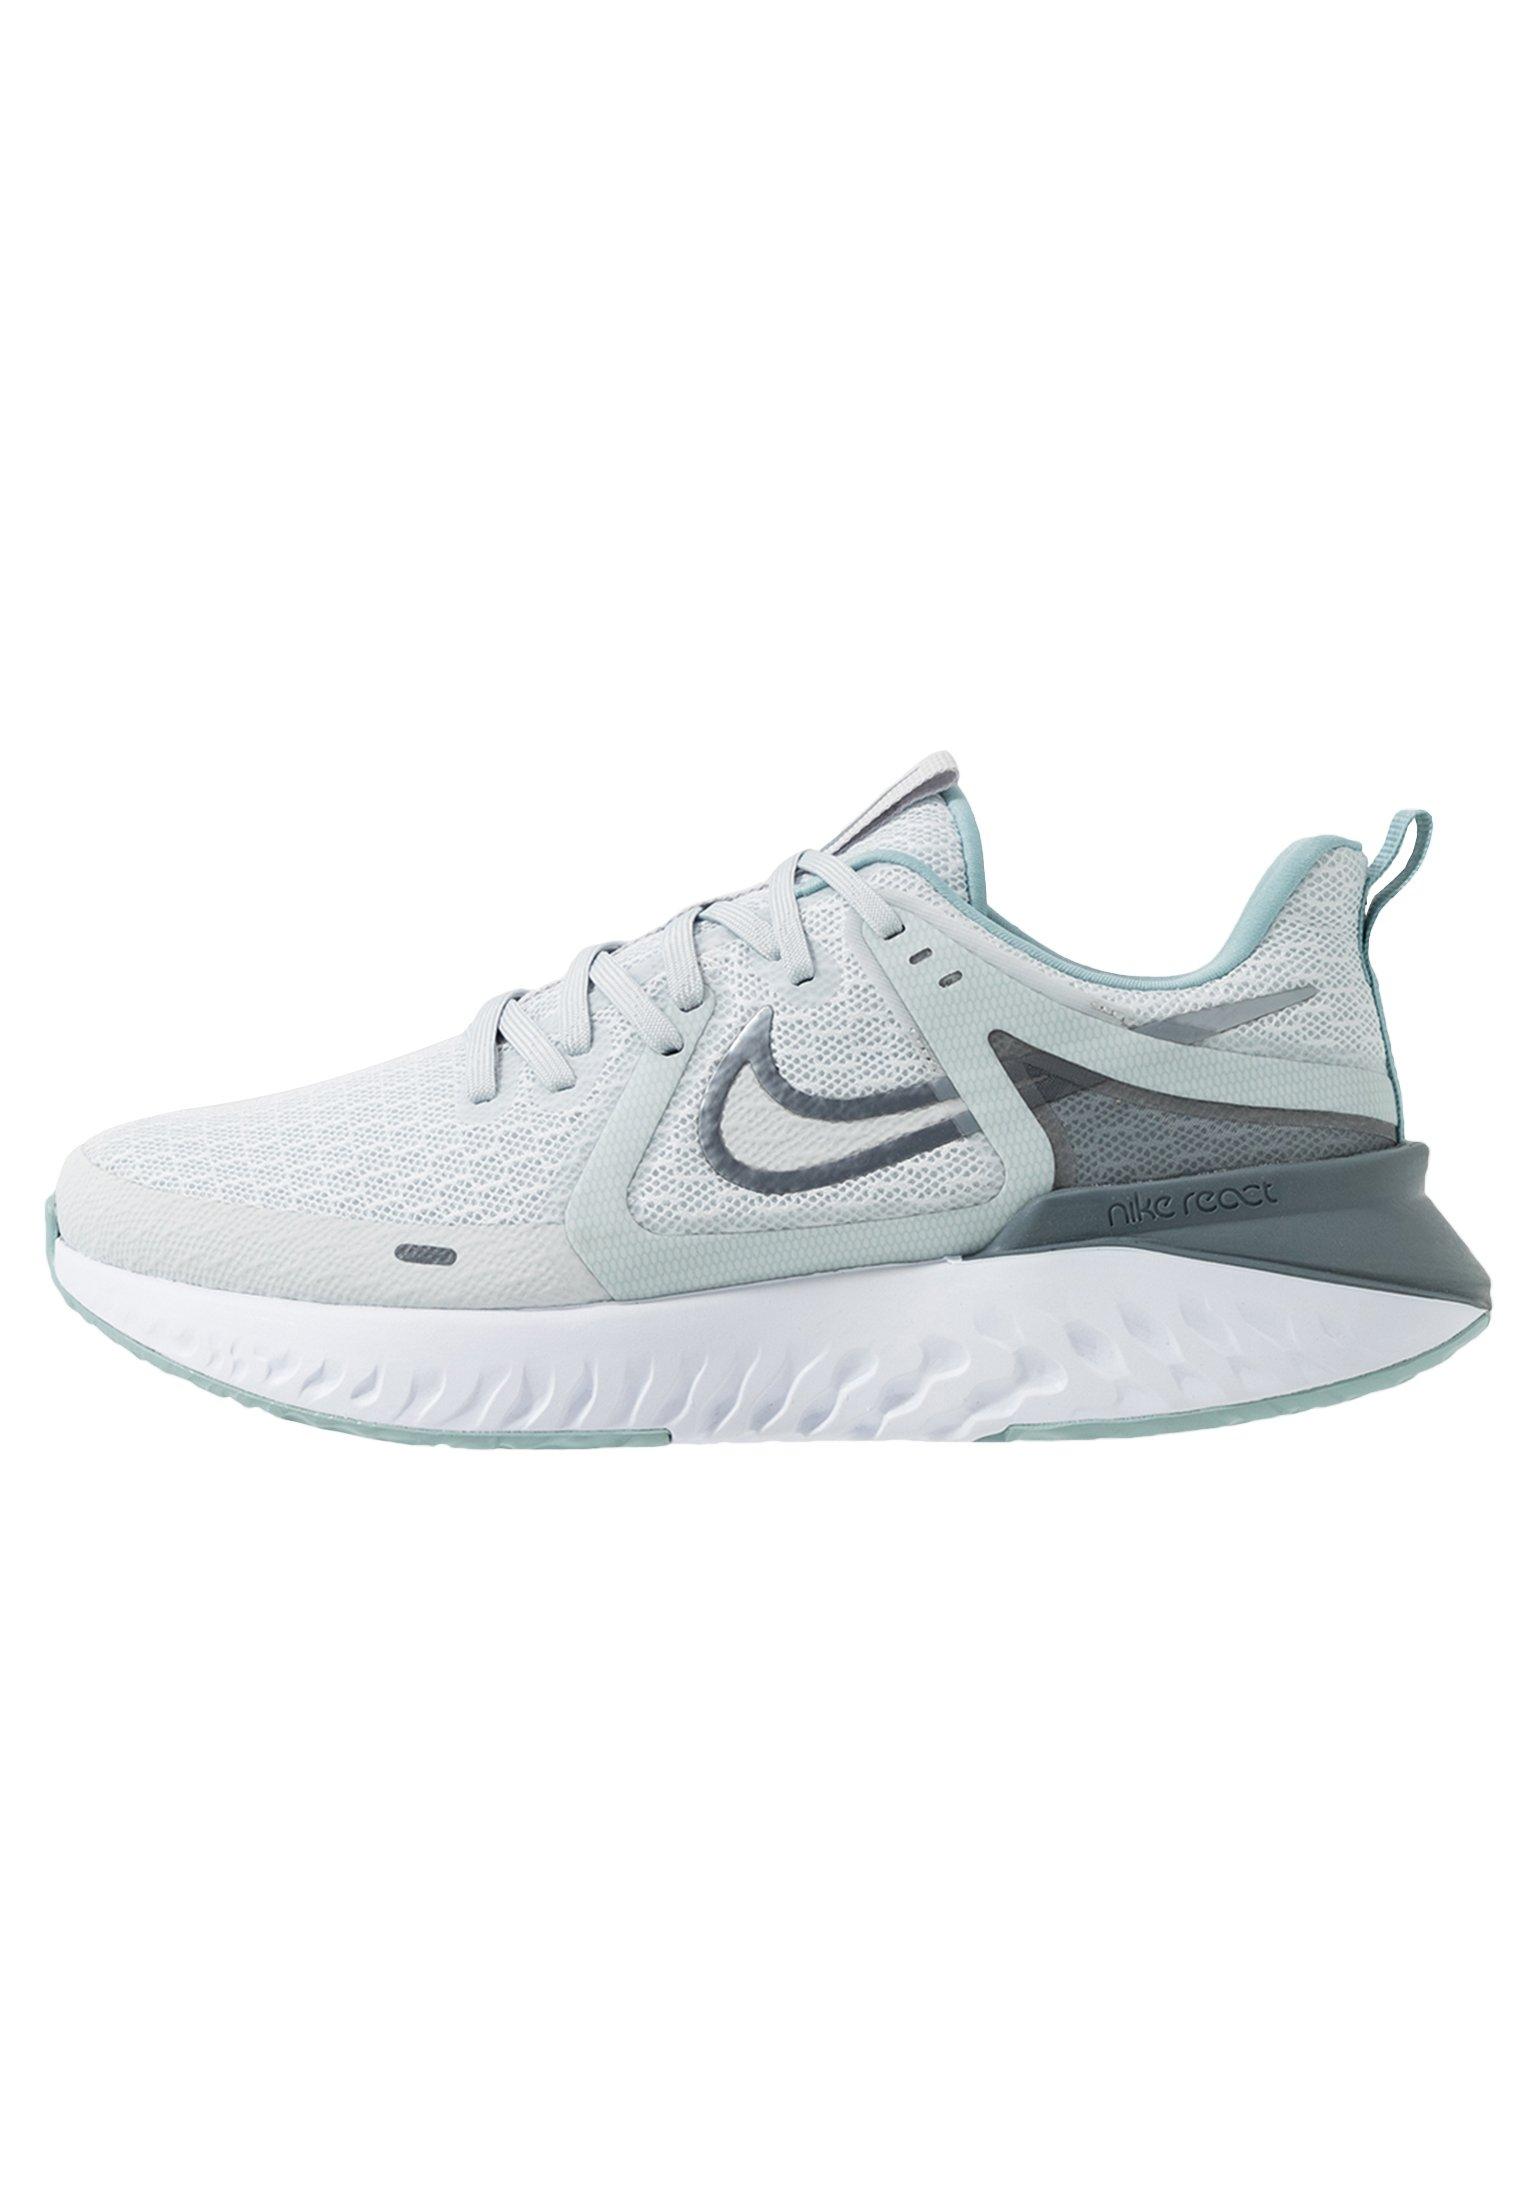 Nike Performance LEGEND REACT 2 Hardloopschoenen neutraal